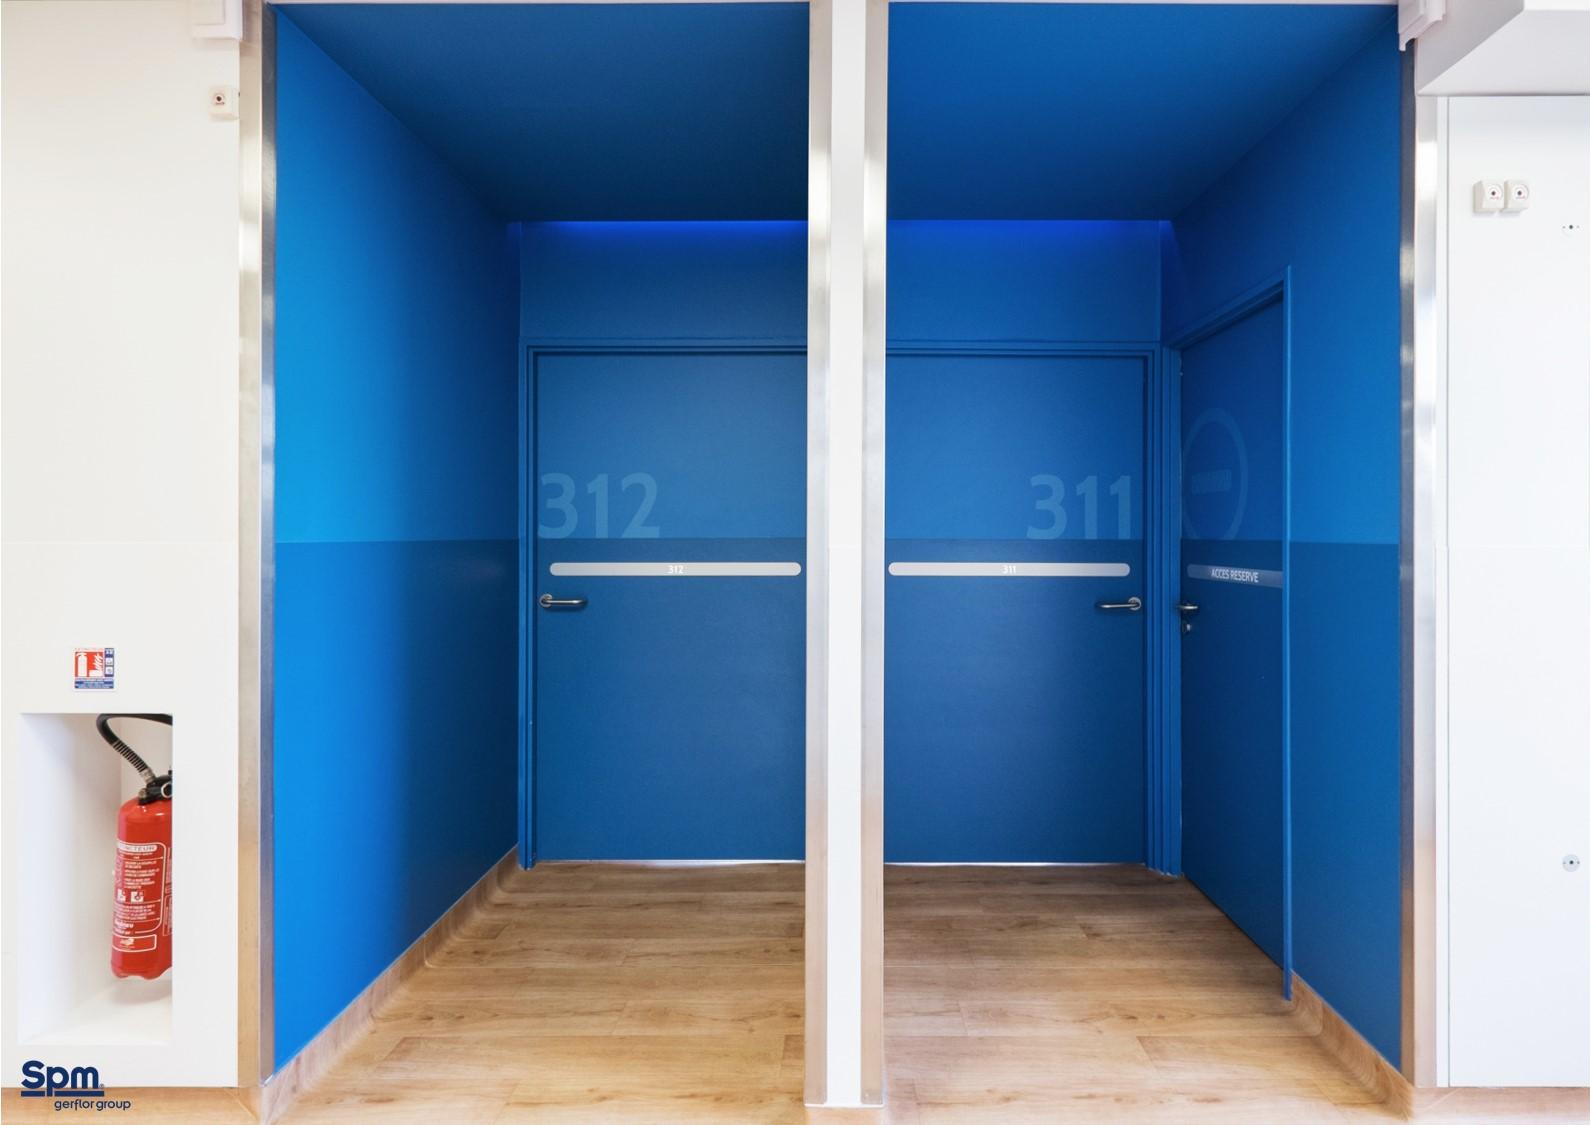 SPM panneau DECOCHOC protection des portes - bleu